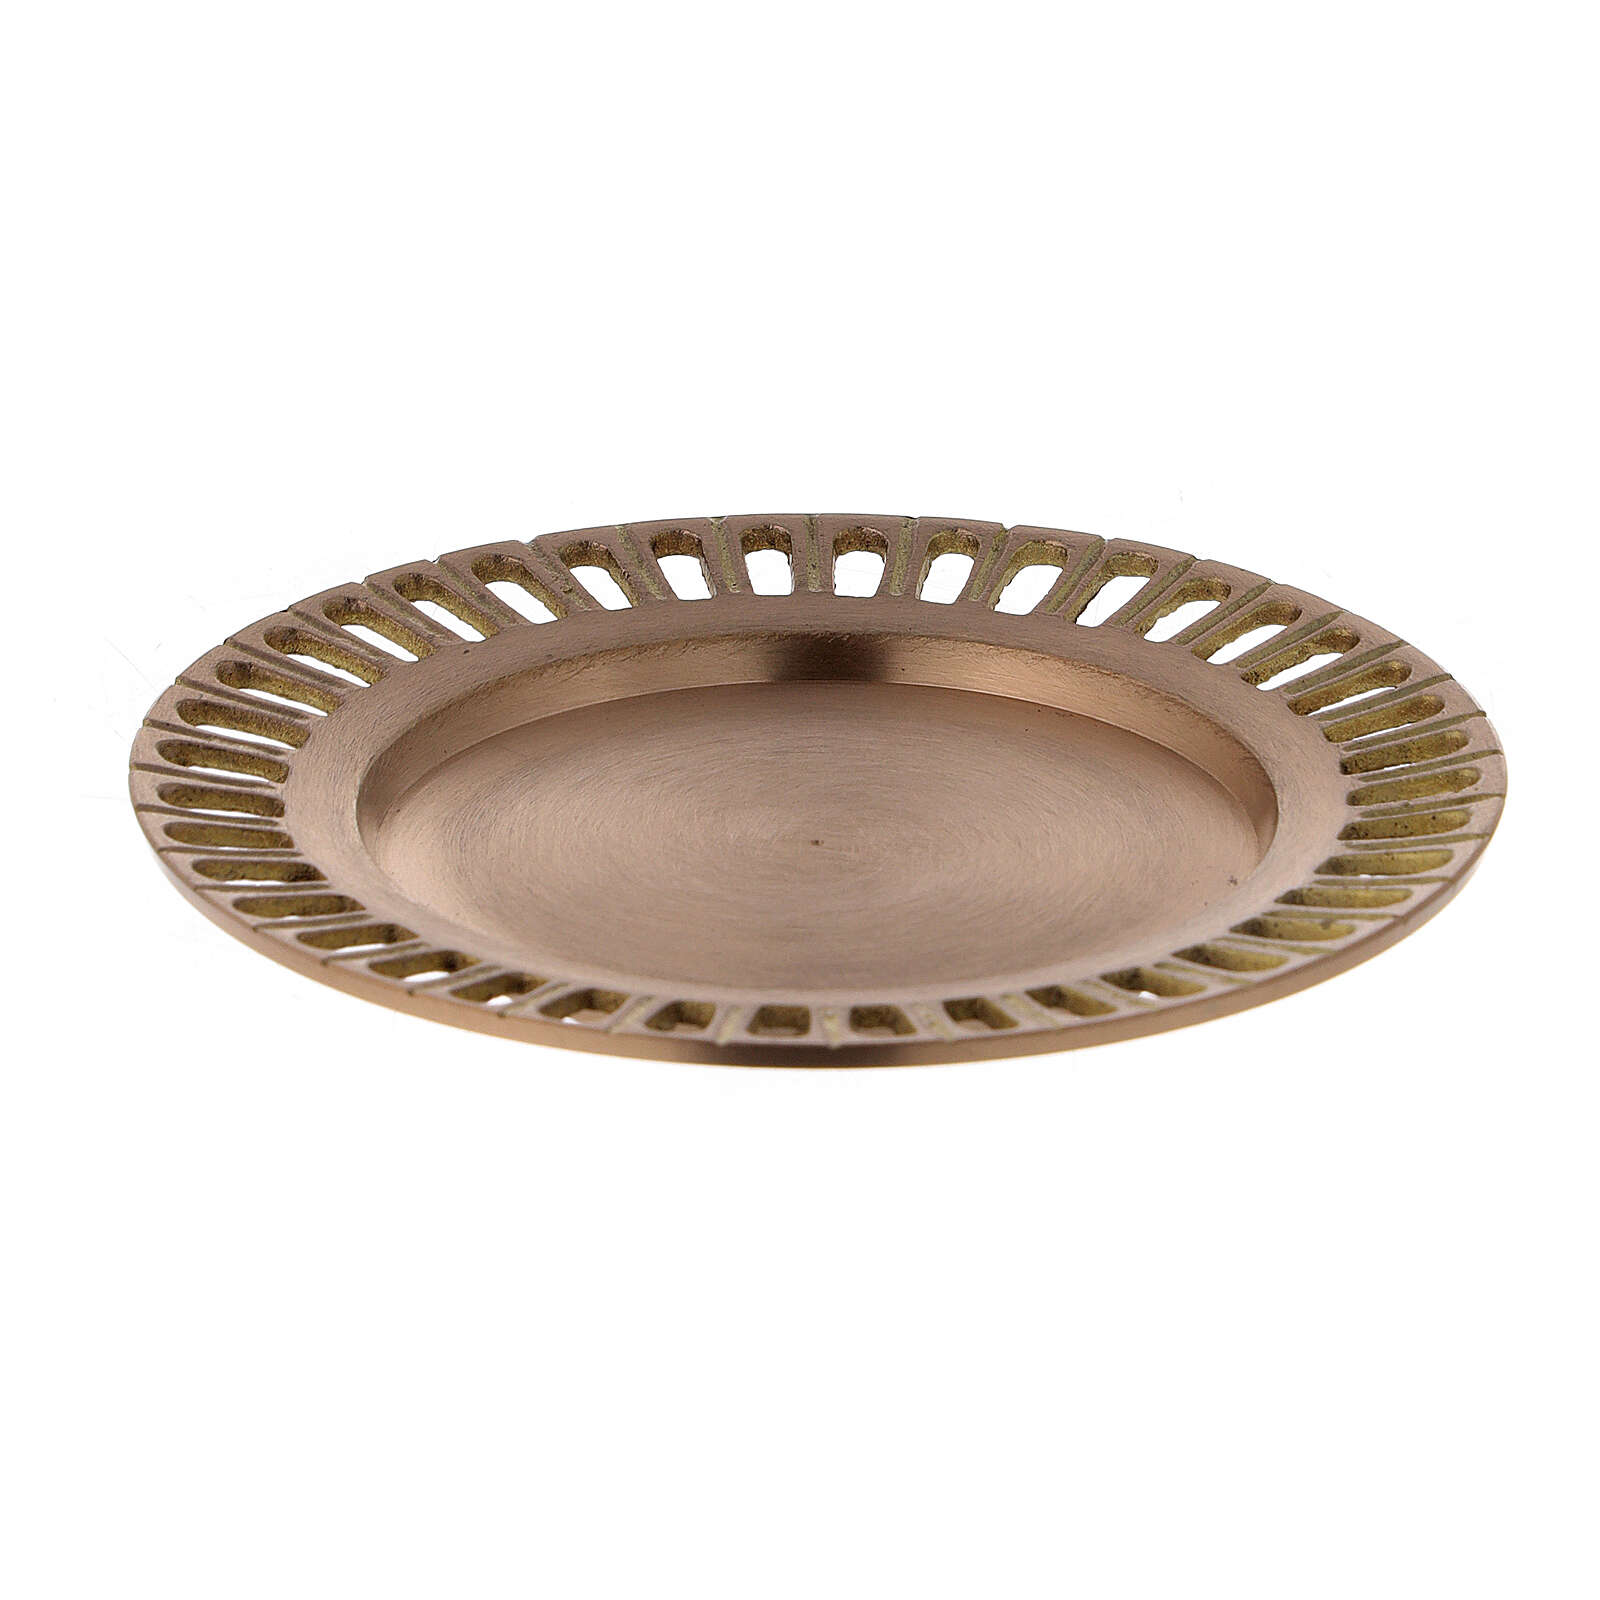 Piatto per candela ottone dorato satinato traforato 11 cm 3